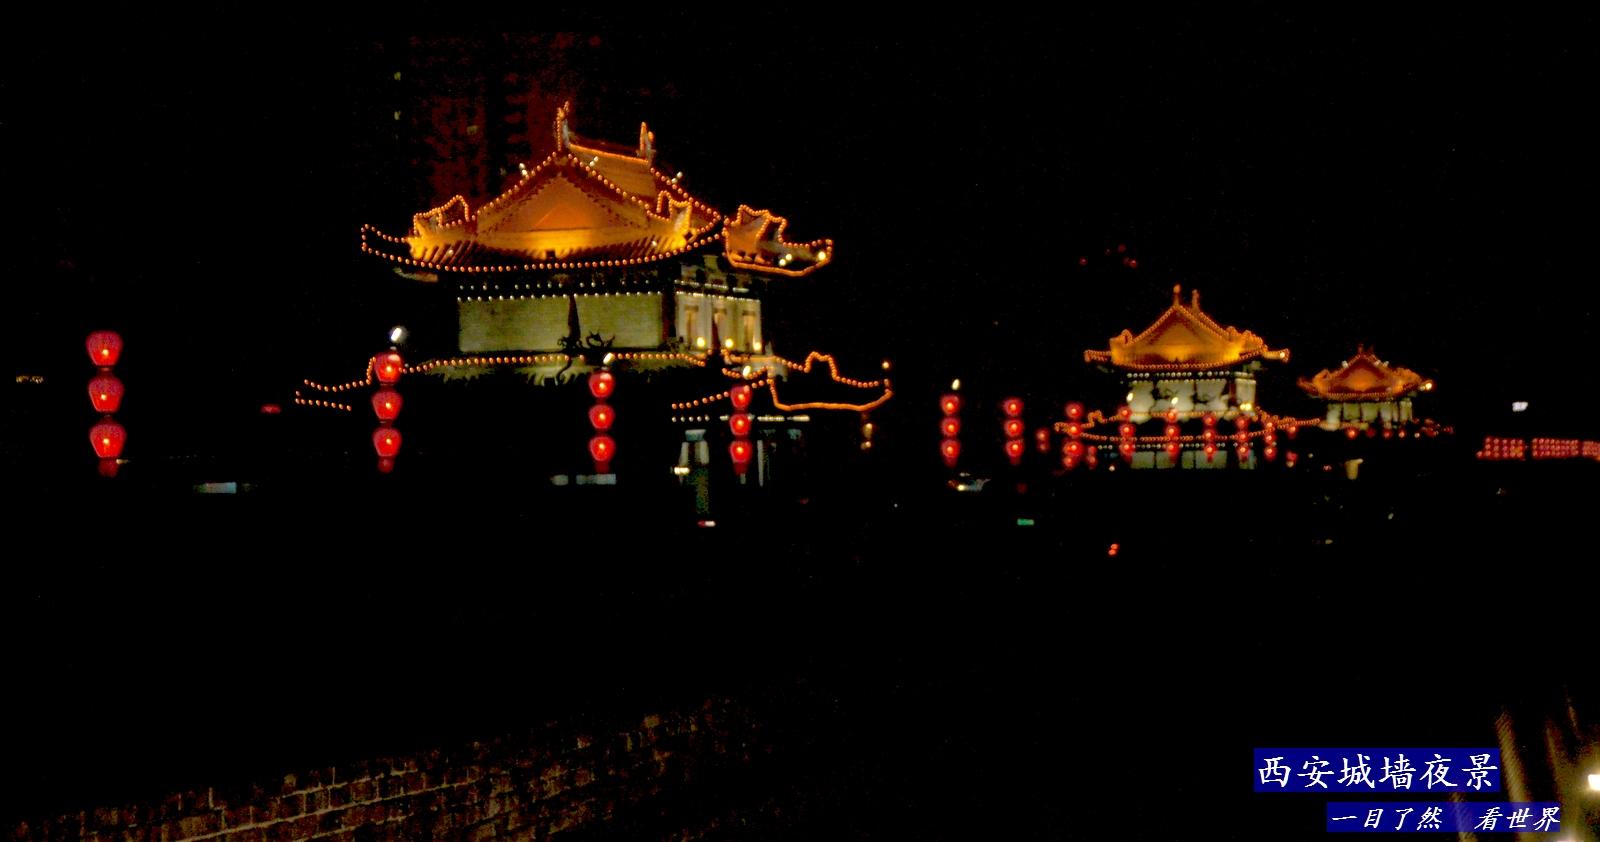 西安城墙夜景-022-1600.jpg